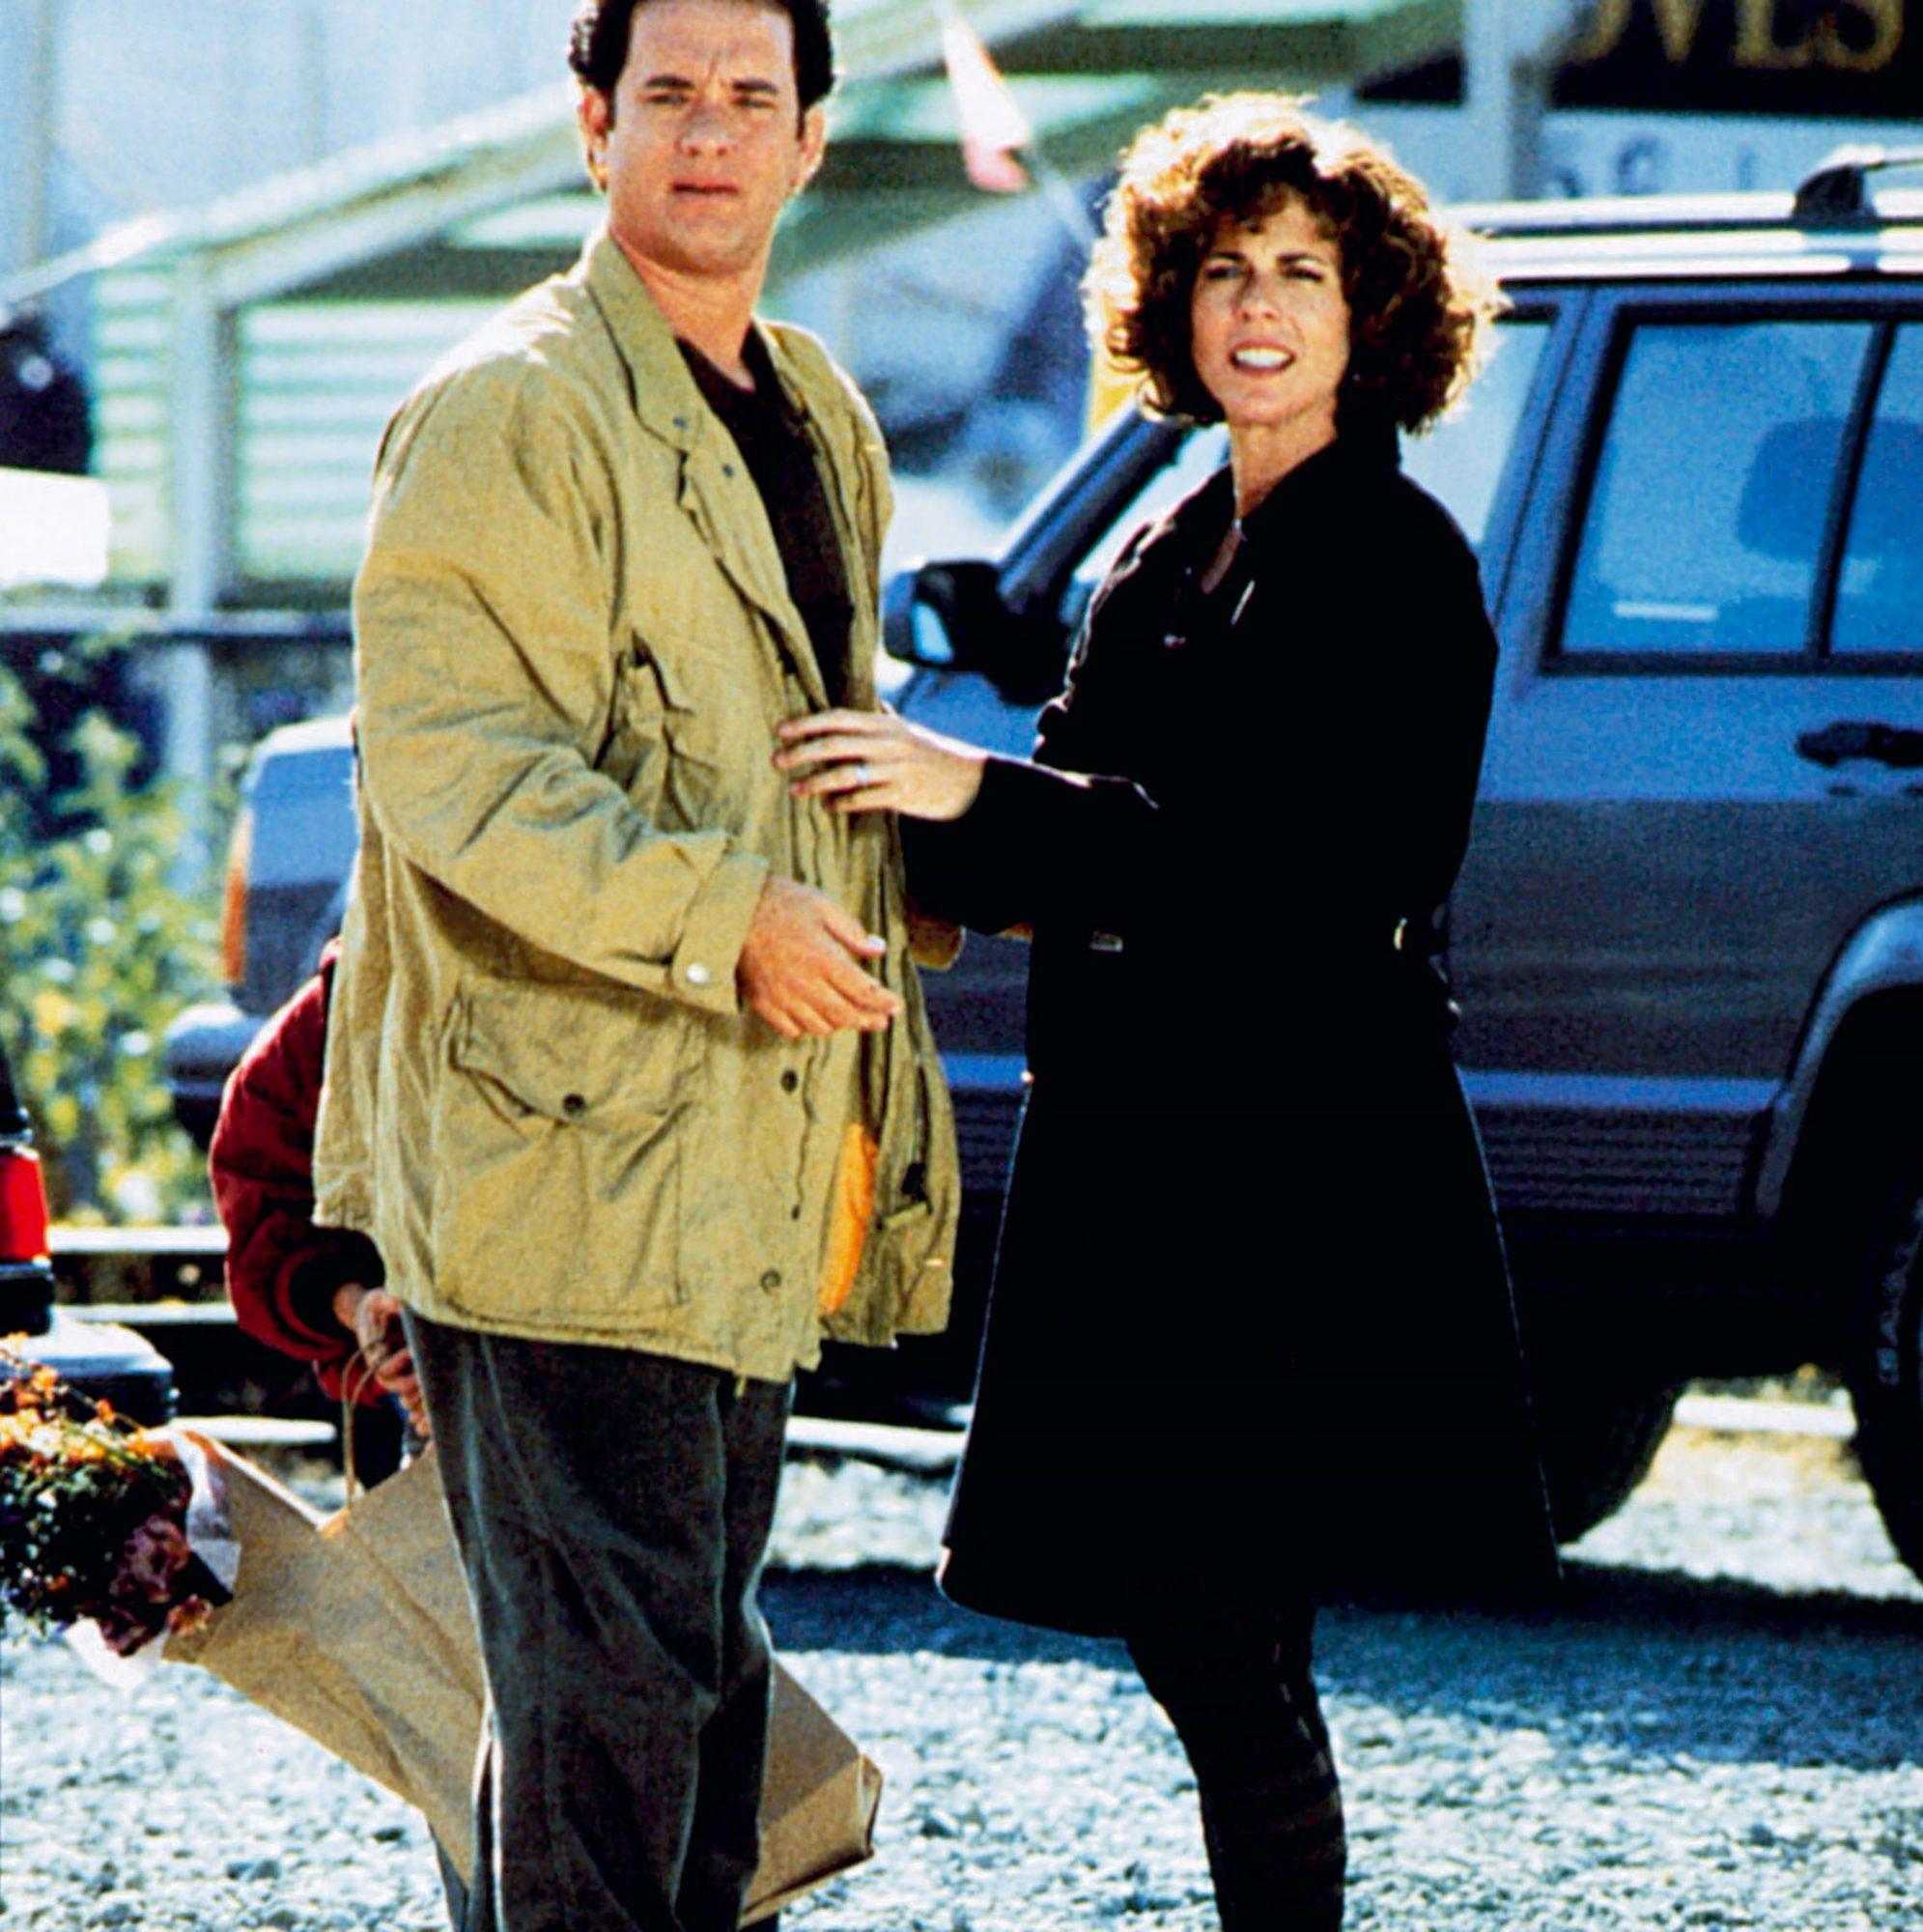 SLEEPLESS IN SEATTLE, front from left: Tom Hanks, Rita Wilson, Ross Malinger (hiding and holding bag